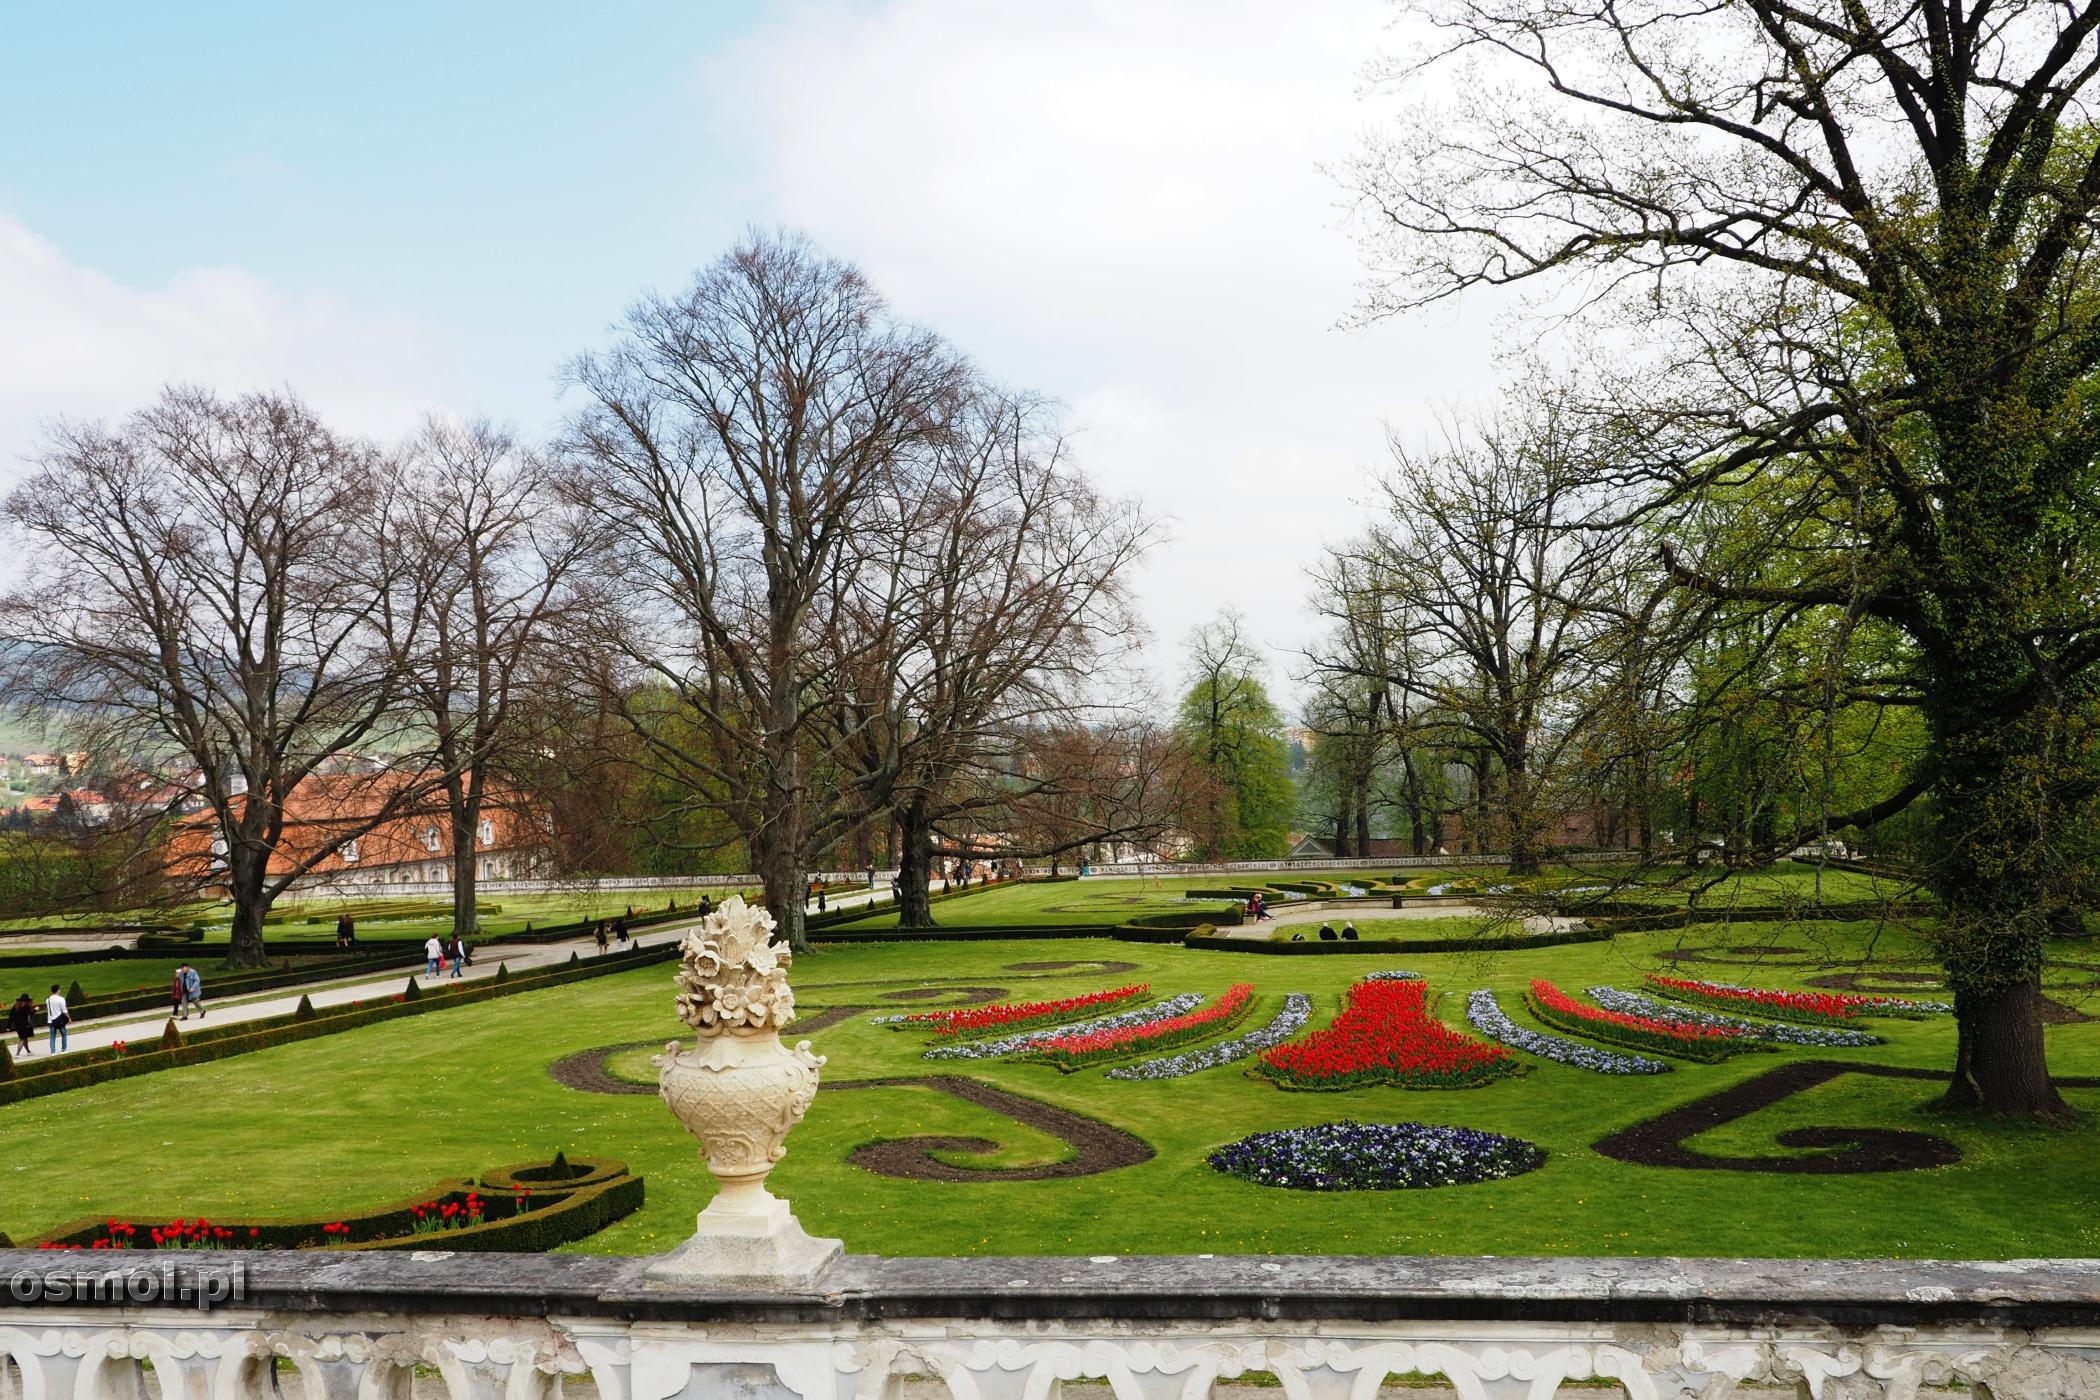 Ogród zamkowy w Czeskim Krumlovie